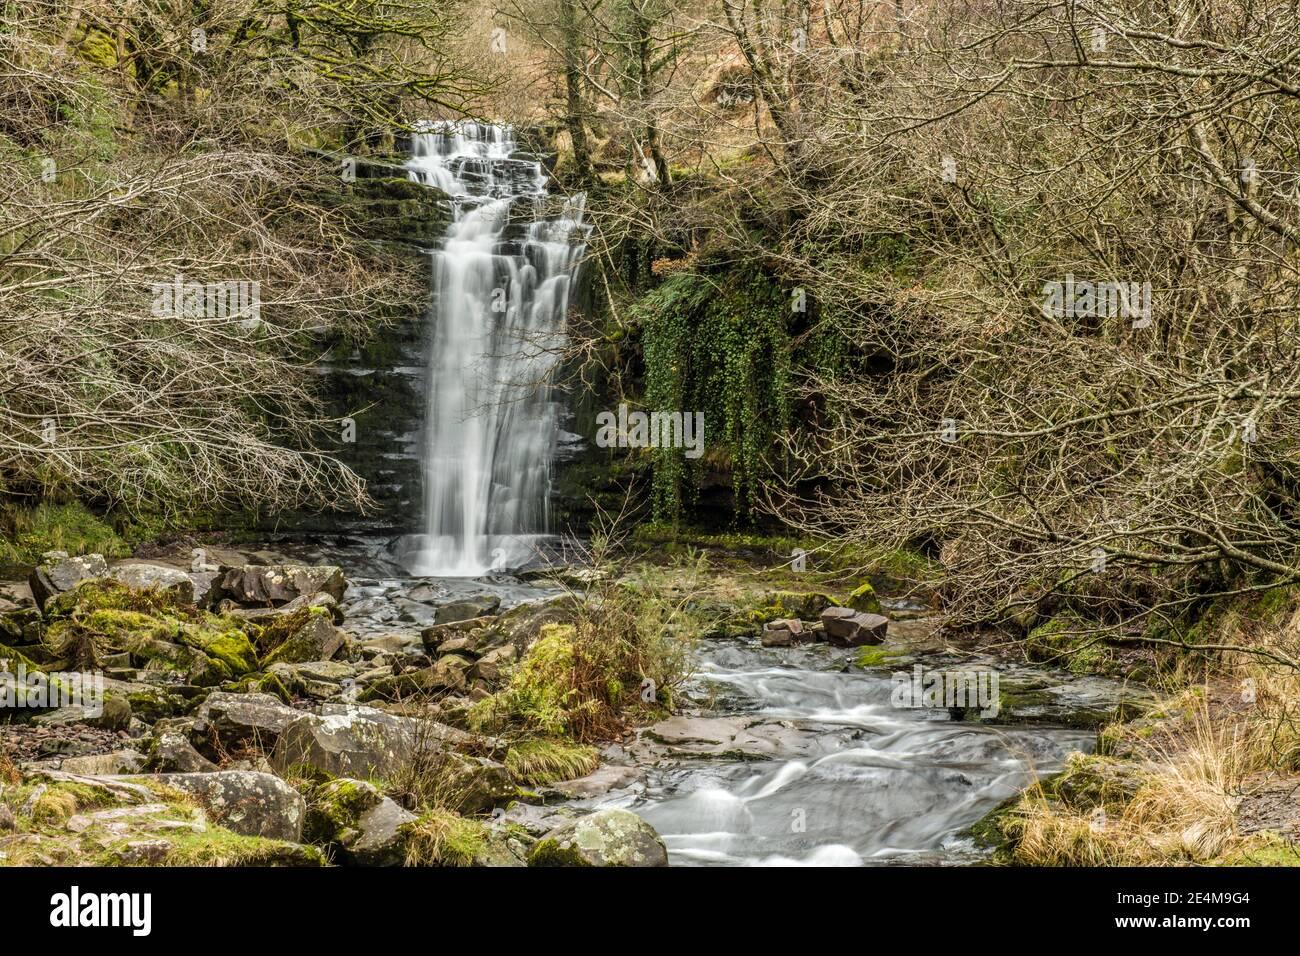 La chute d'eau Blaen y Glyn sur la rivière Caerfanell dans les balises centrales de Brecon, dans le sud du pays de Galles. Banque D'Images